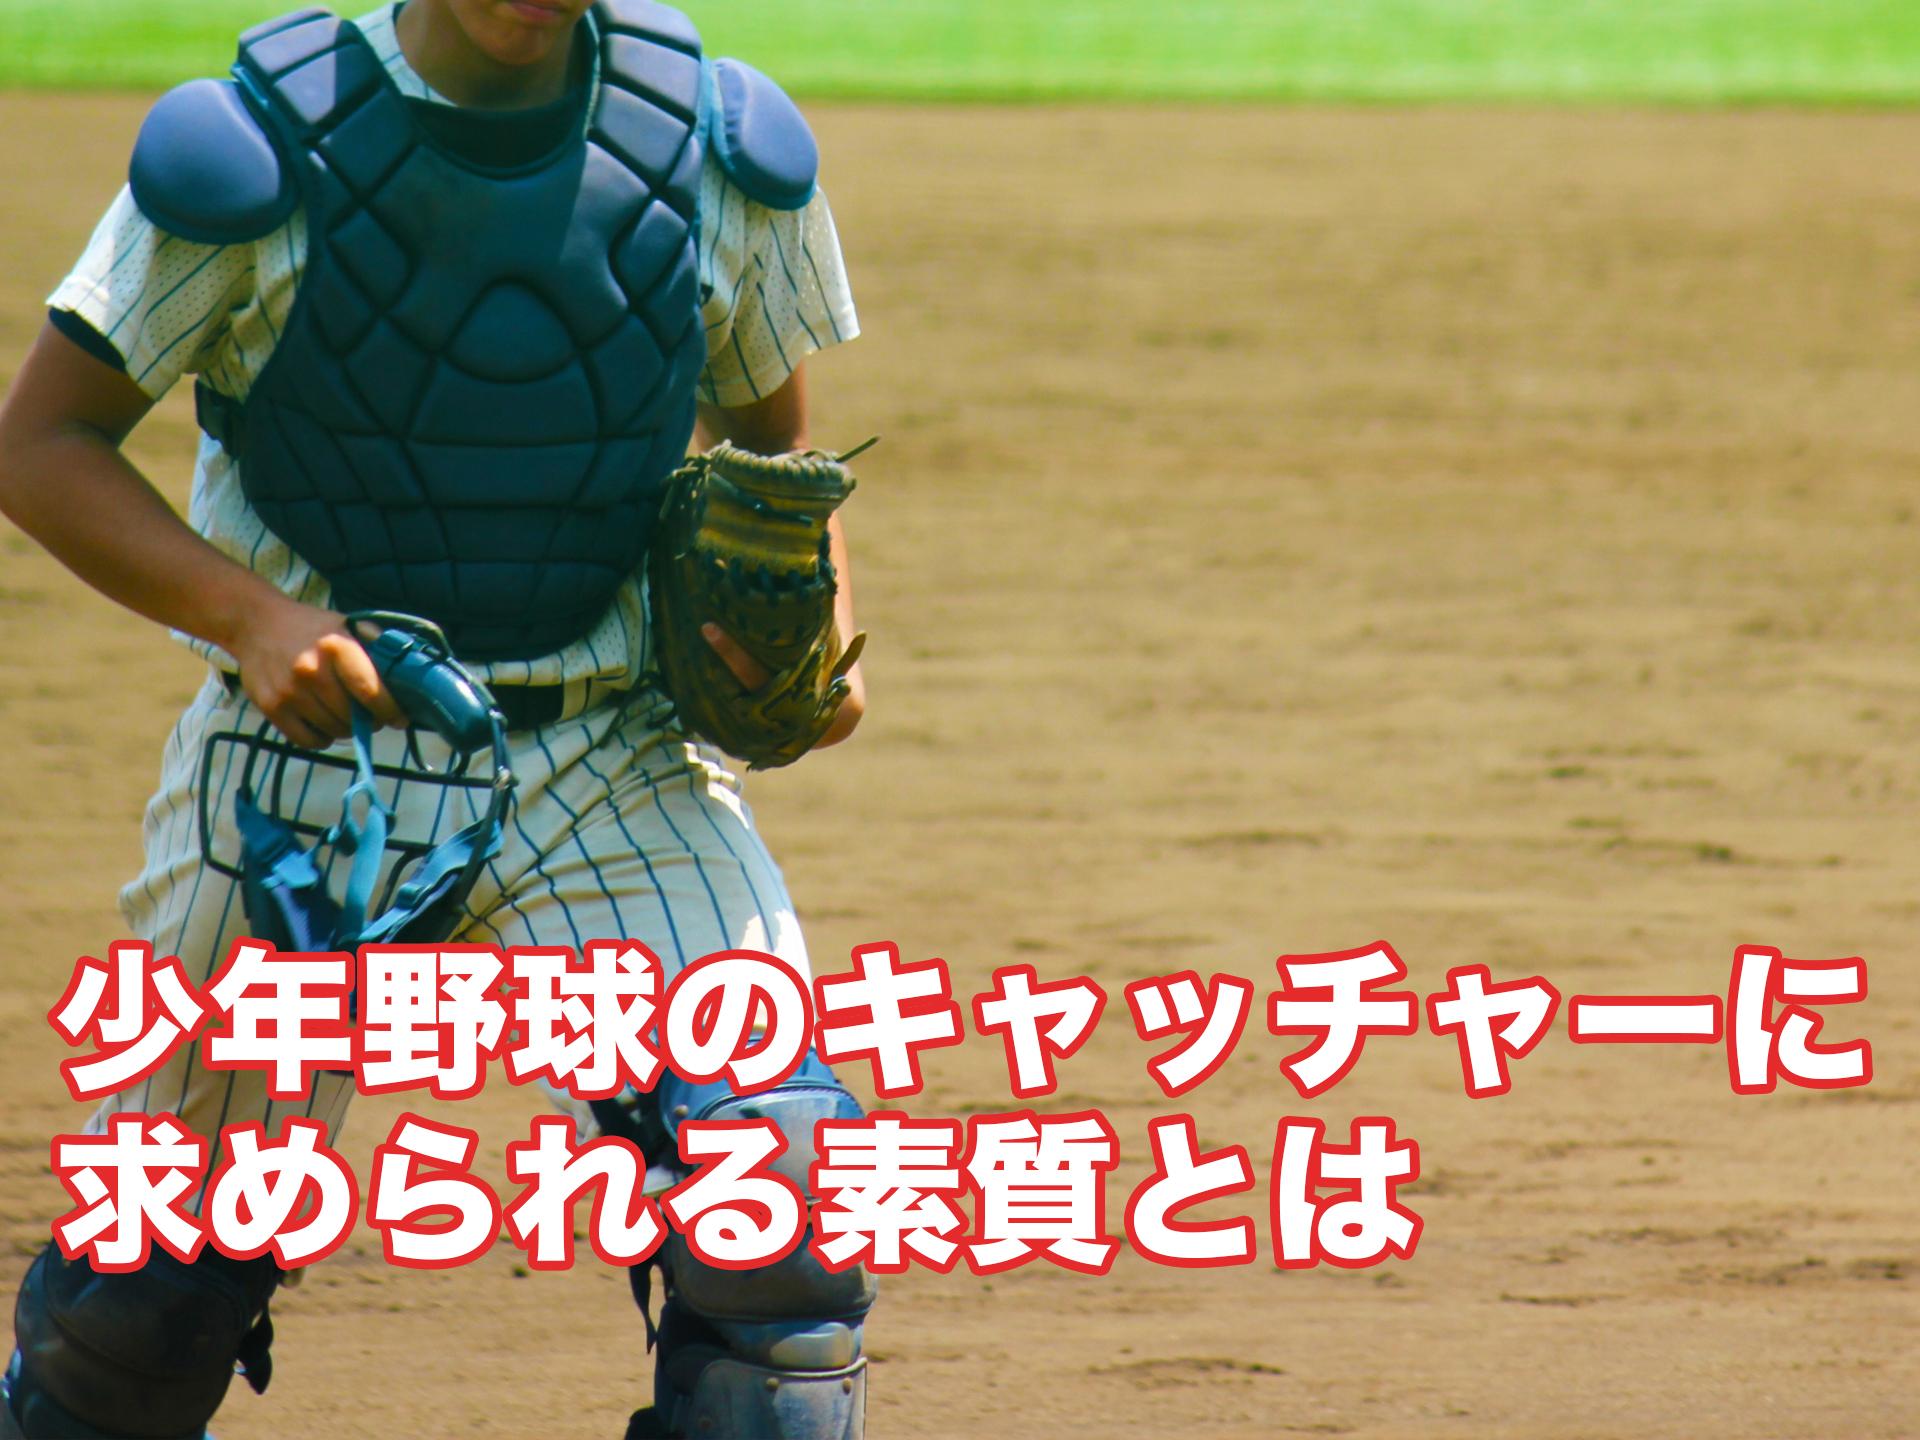 少年野球のキャッチャーに求められる素質とは